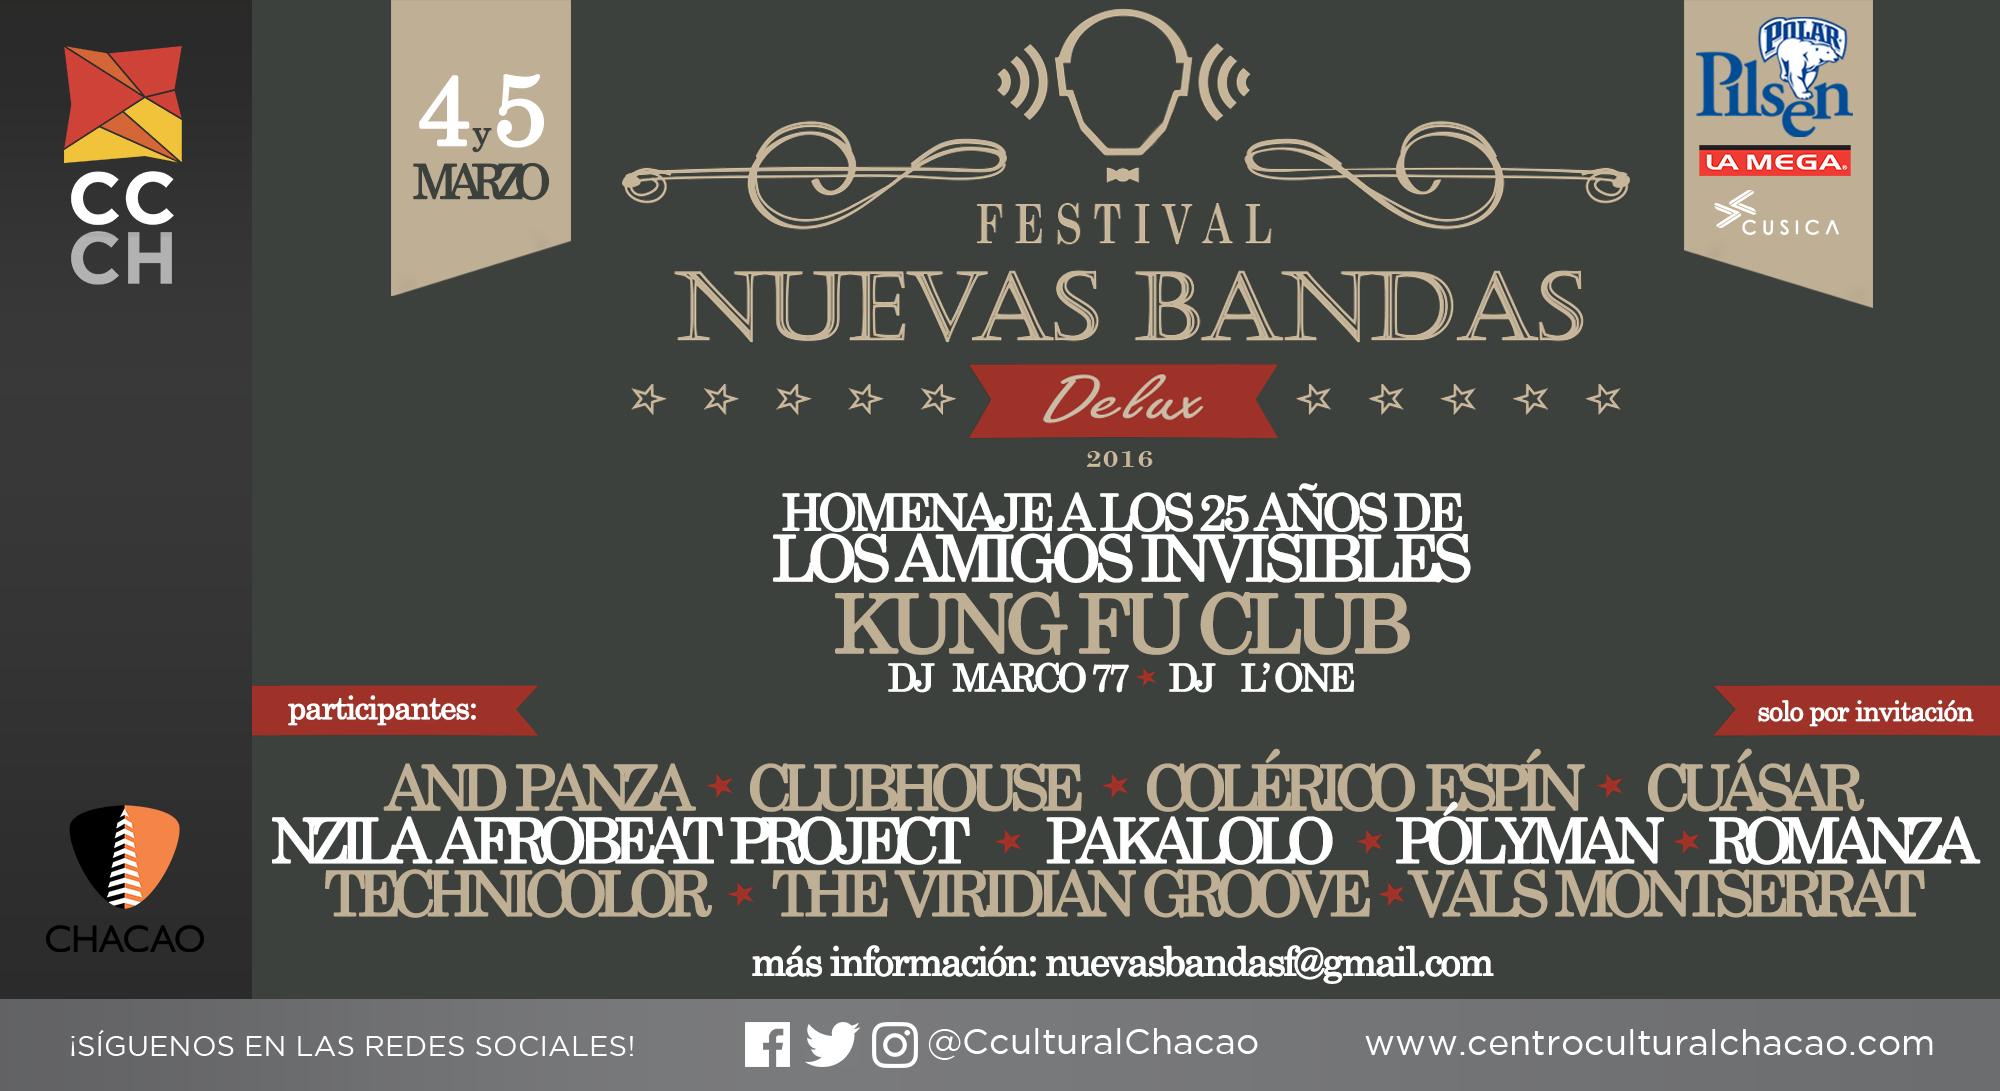 Fundación Nuevas Bandas revela detalles del Festival Nuevas Bandas DeLux